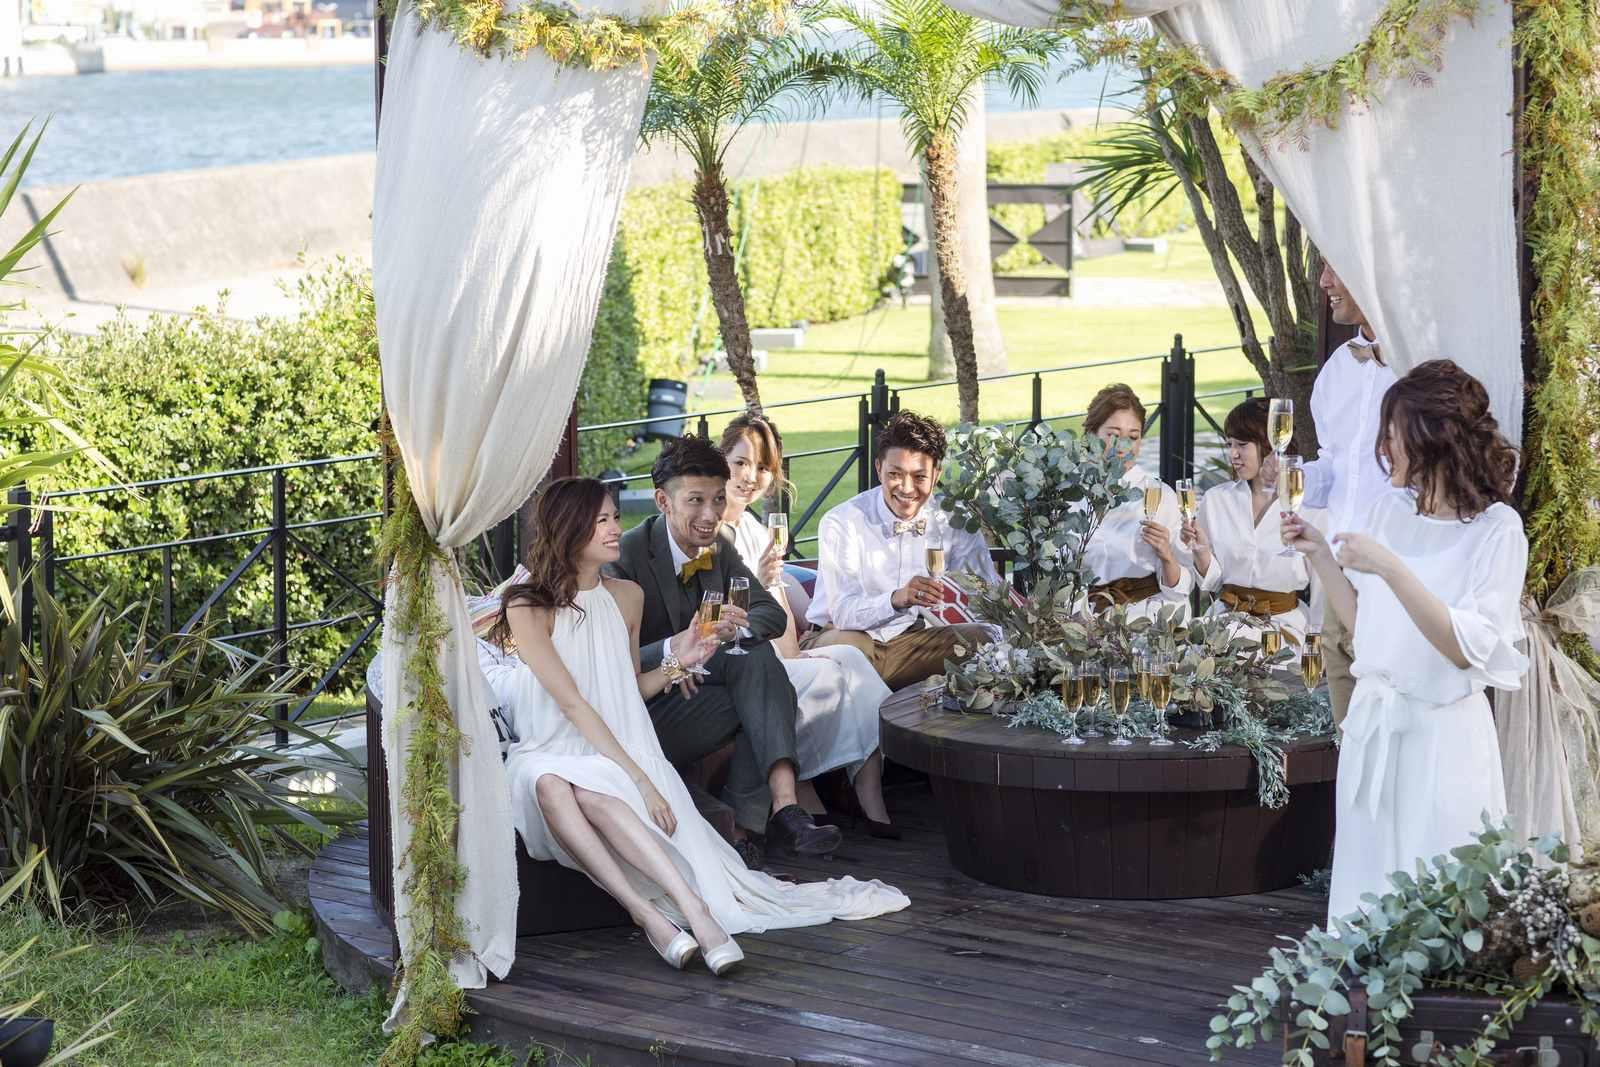 徳島県の結婚式場ブランアンジュのガーデンパーティー